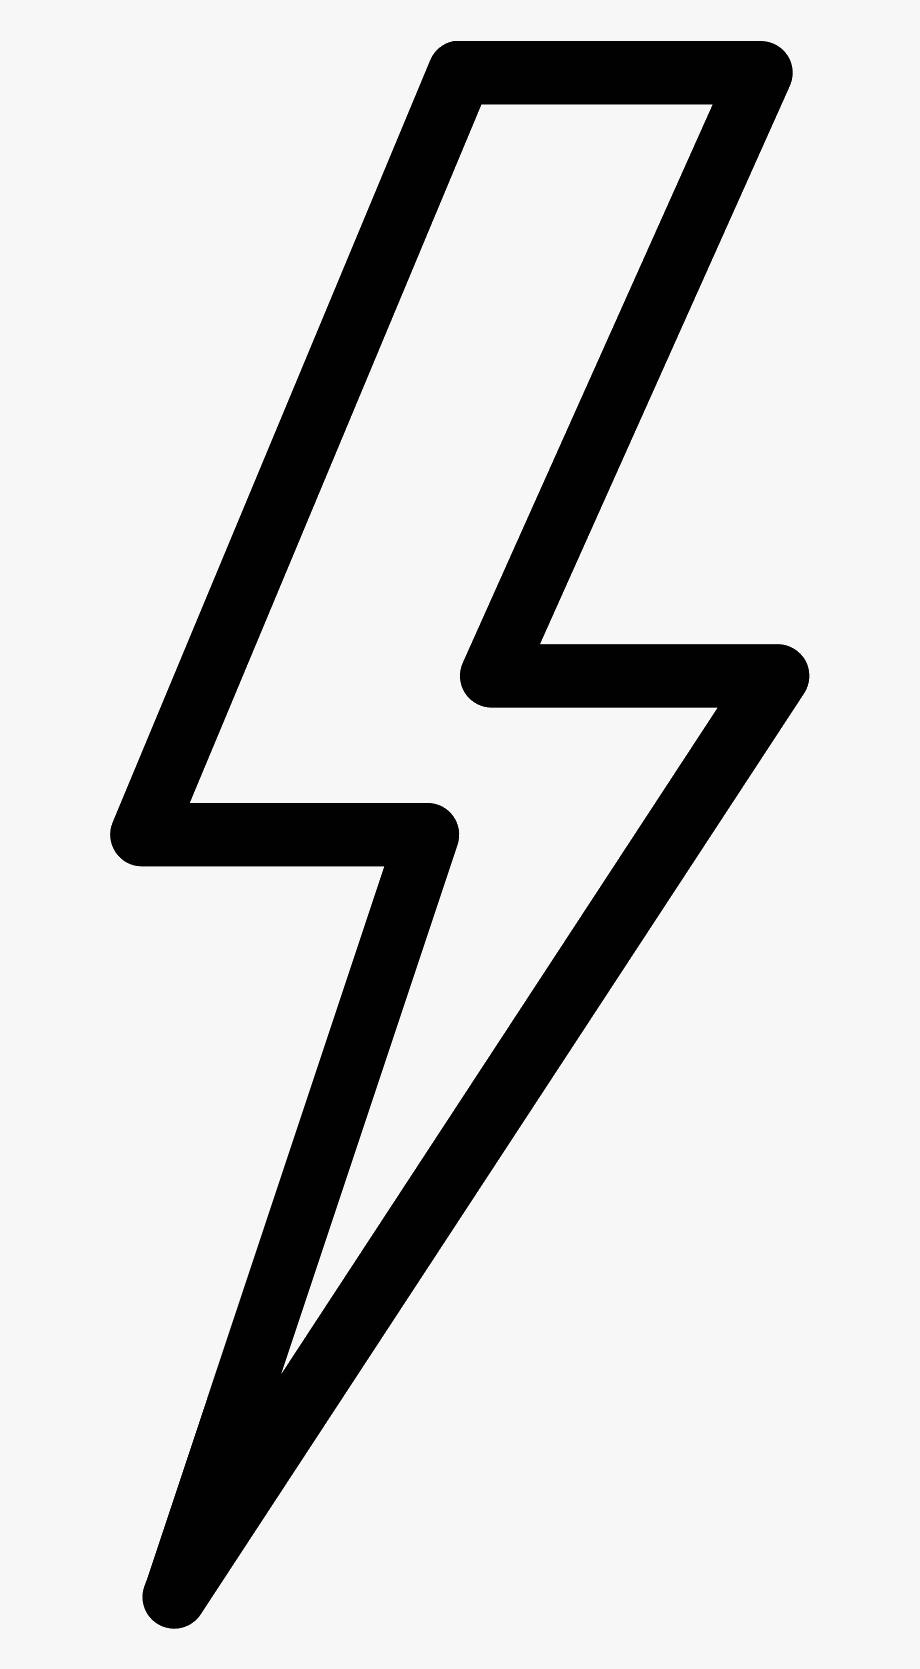 Vector Free Stock Lightning Bolt Image Desktop Backgrounds.